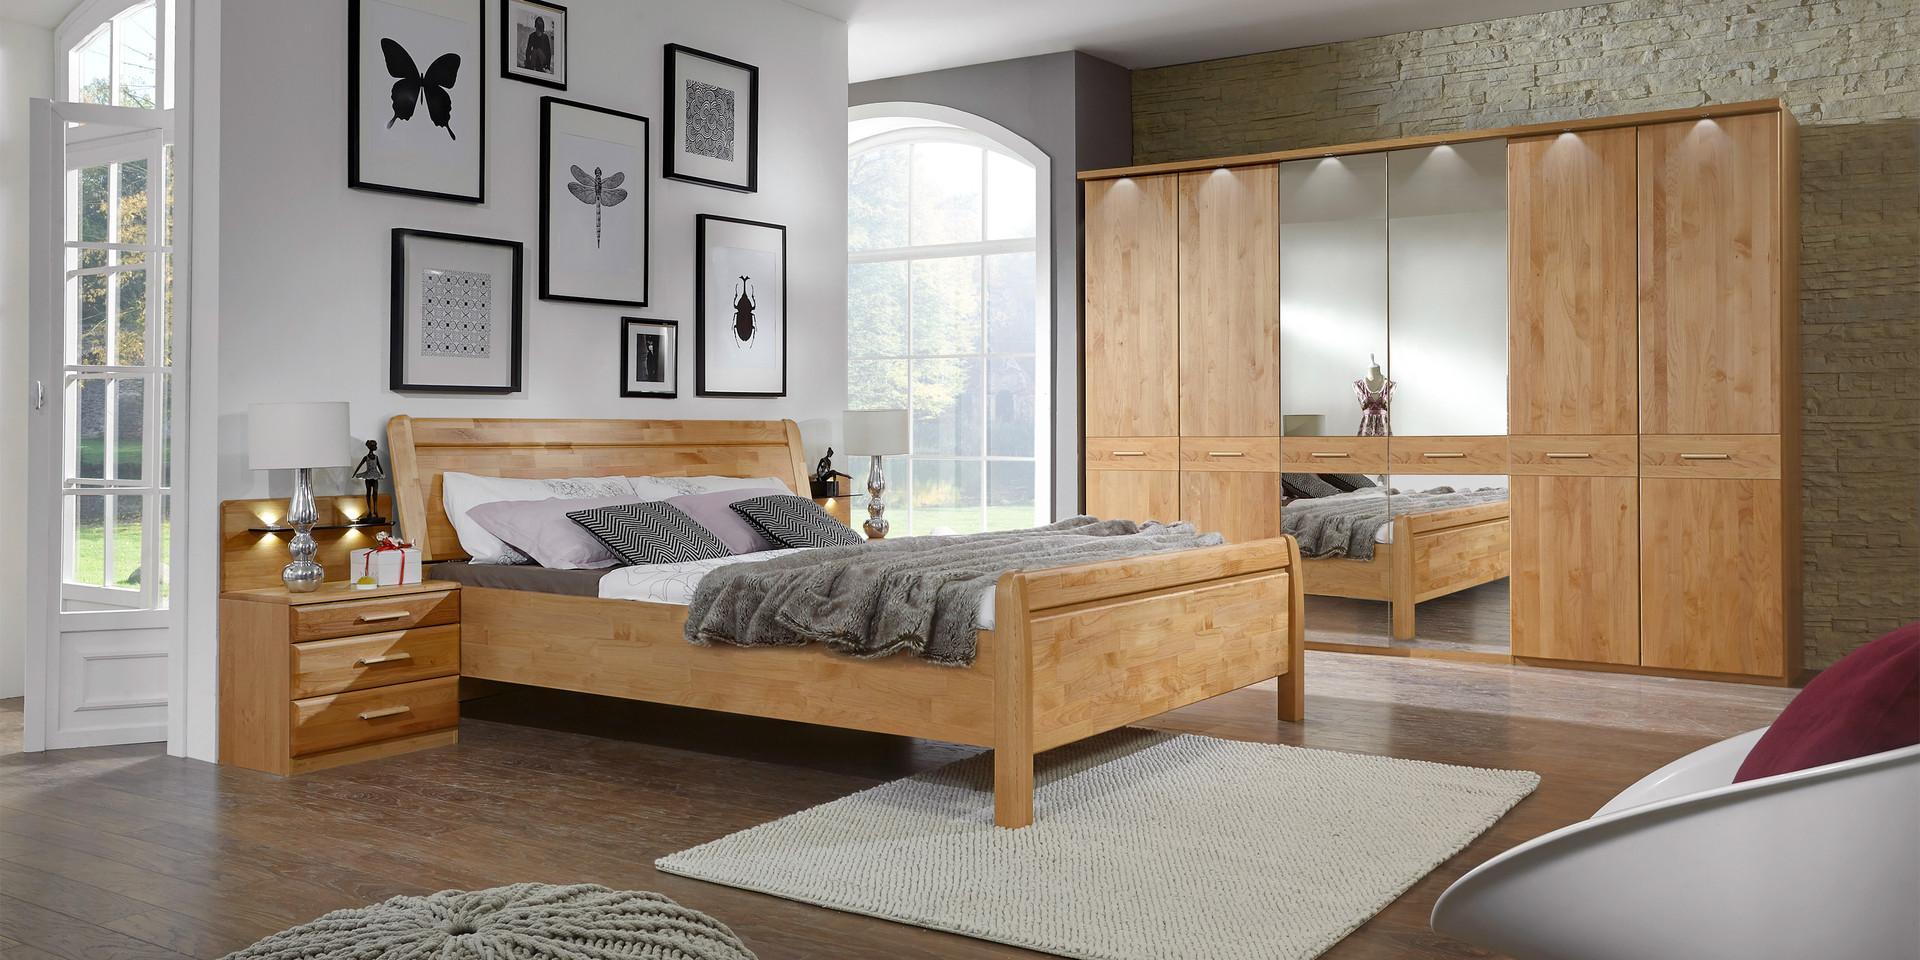 Schlafzimmer Klassisch Modern U2013 Bigschool.info